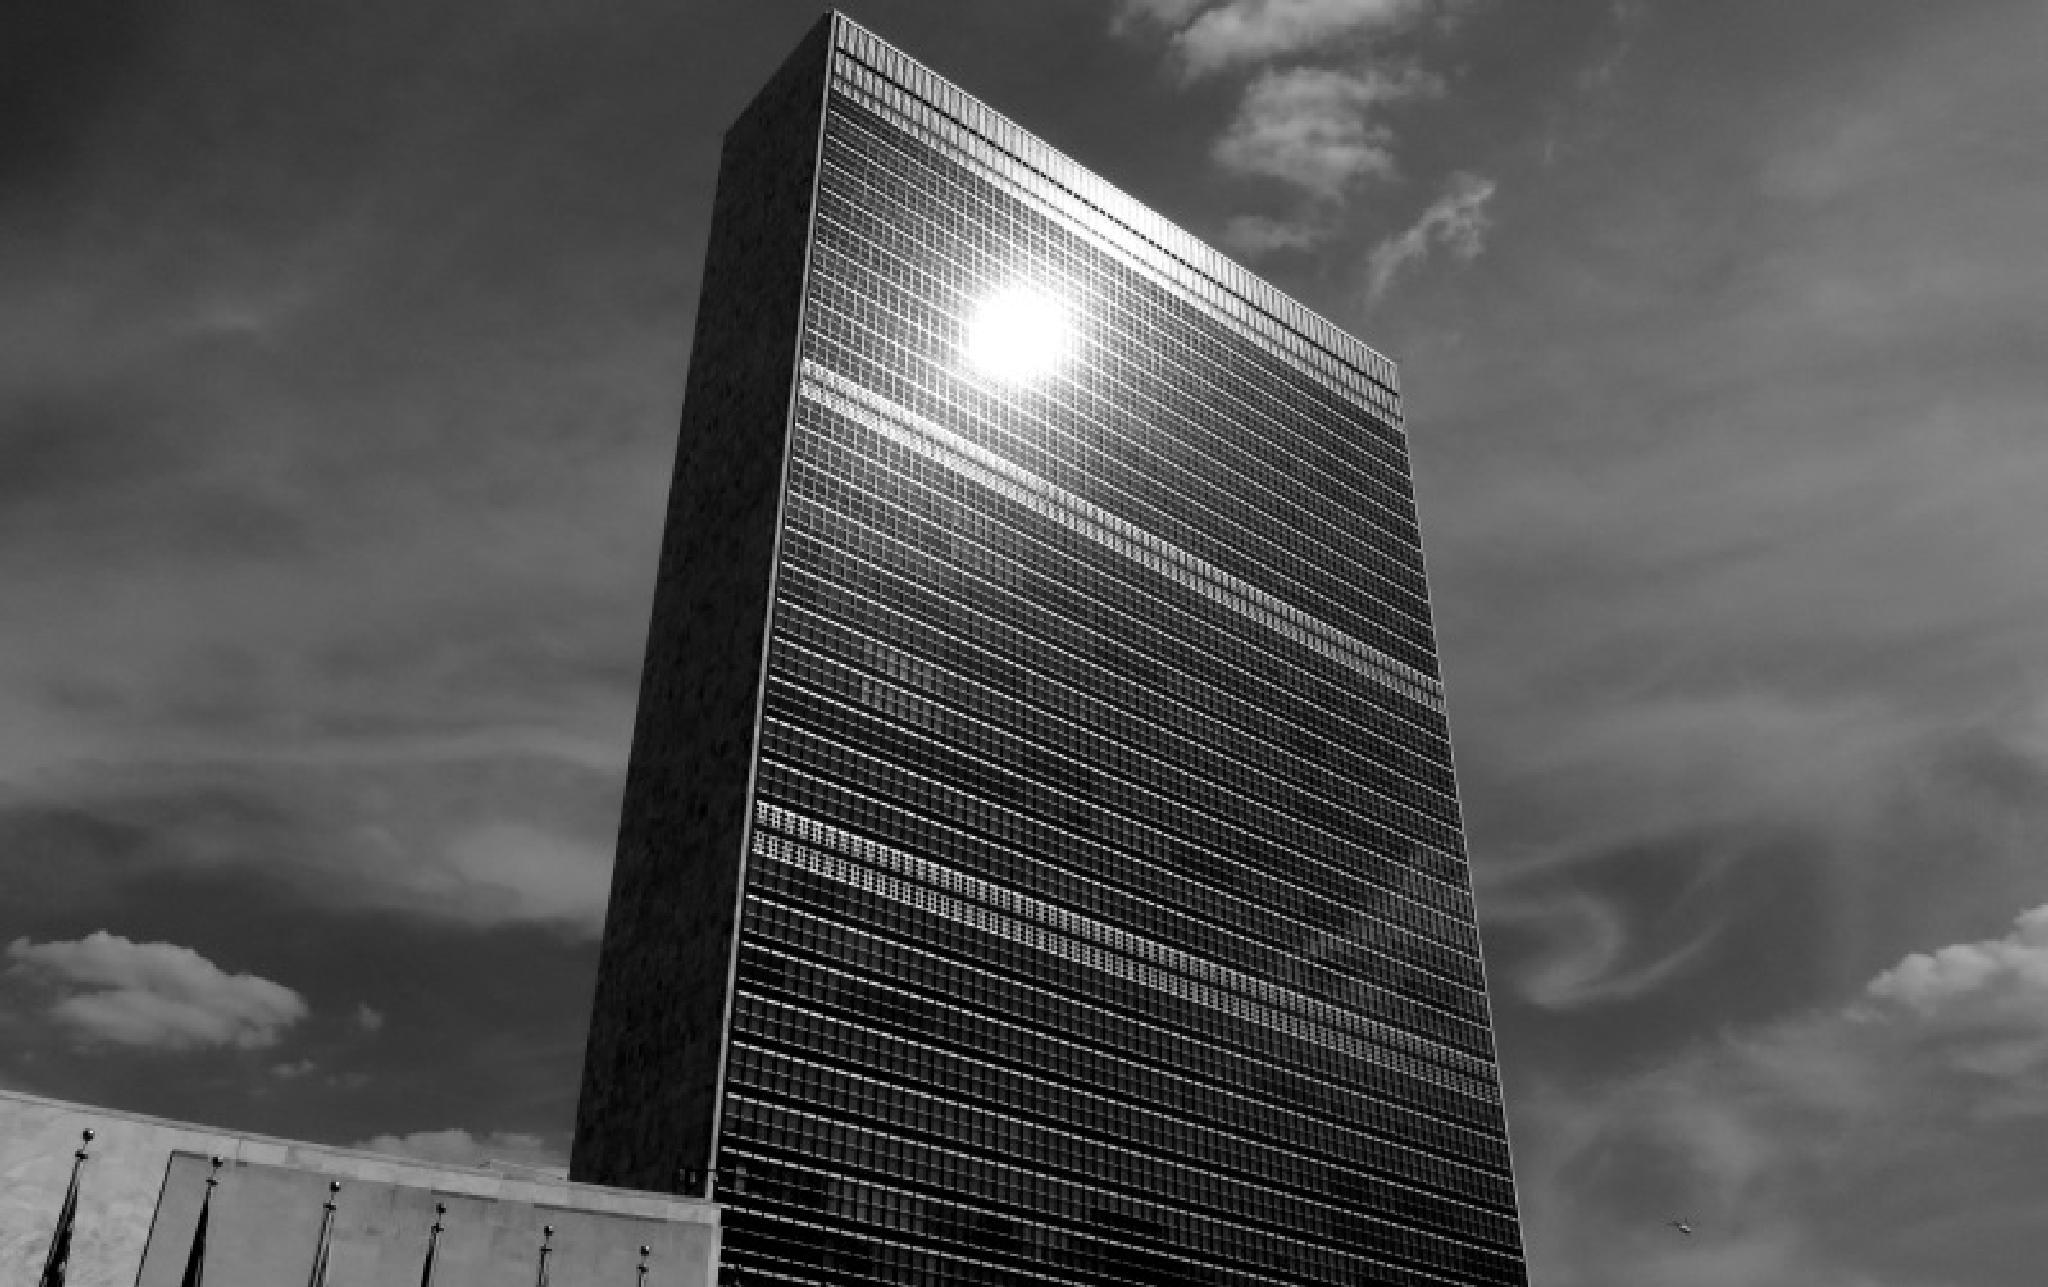 2014-07-18 0965 UN Building, New York City    by jezevec40